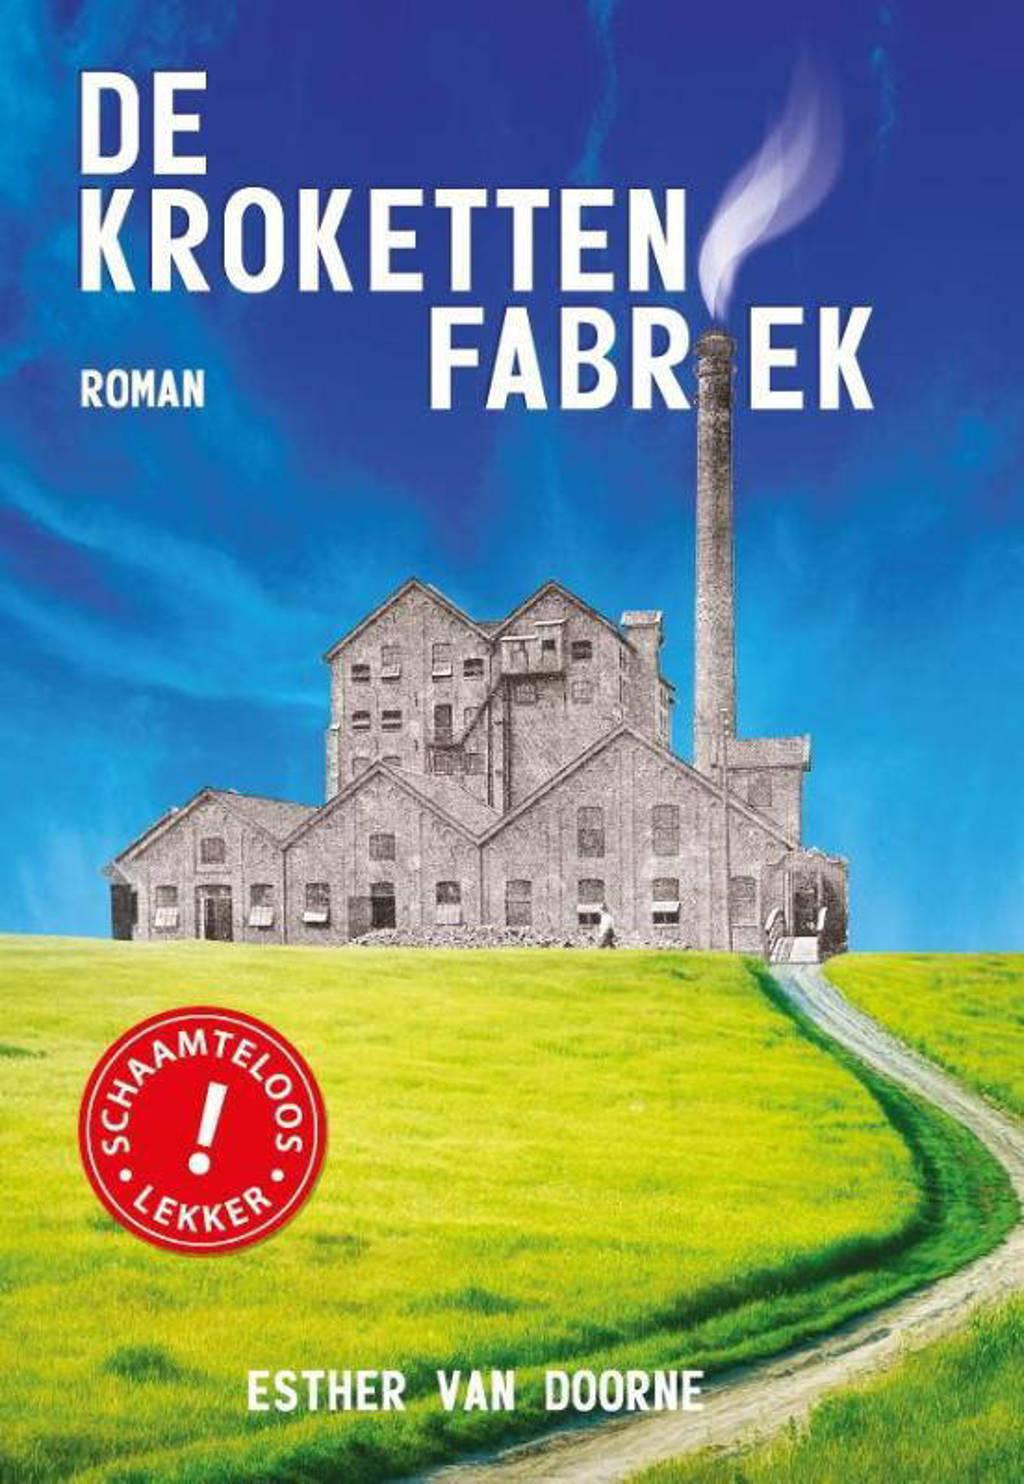 De krokettenfabriek - Esther van Doorne